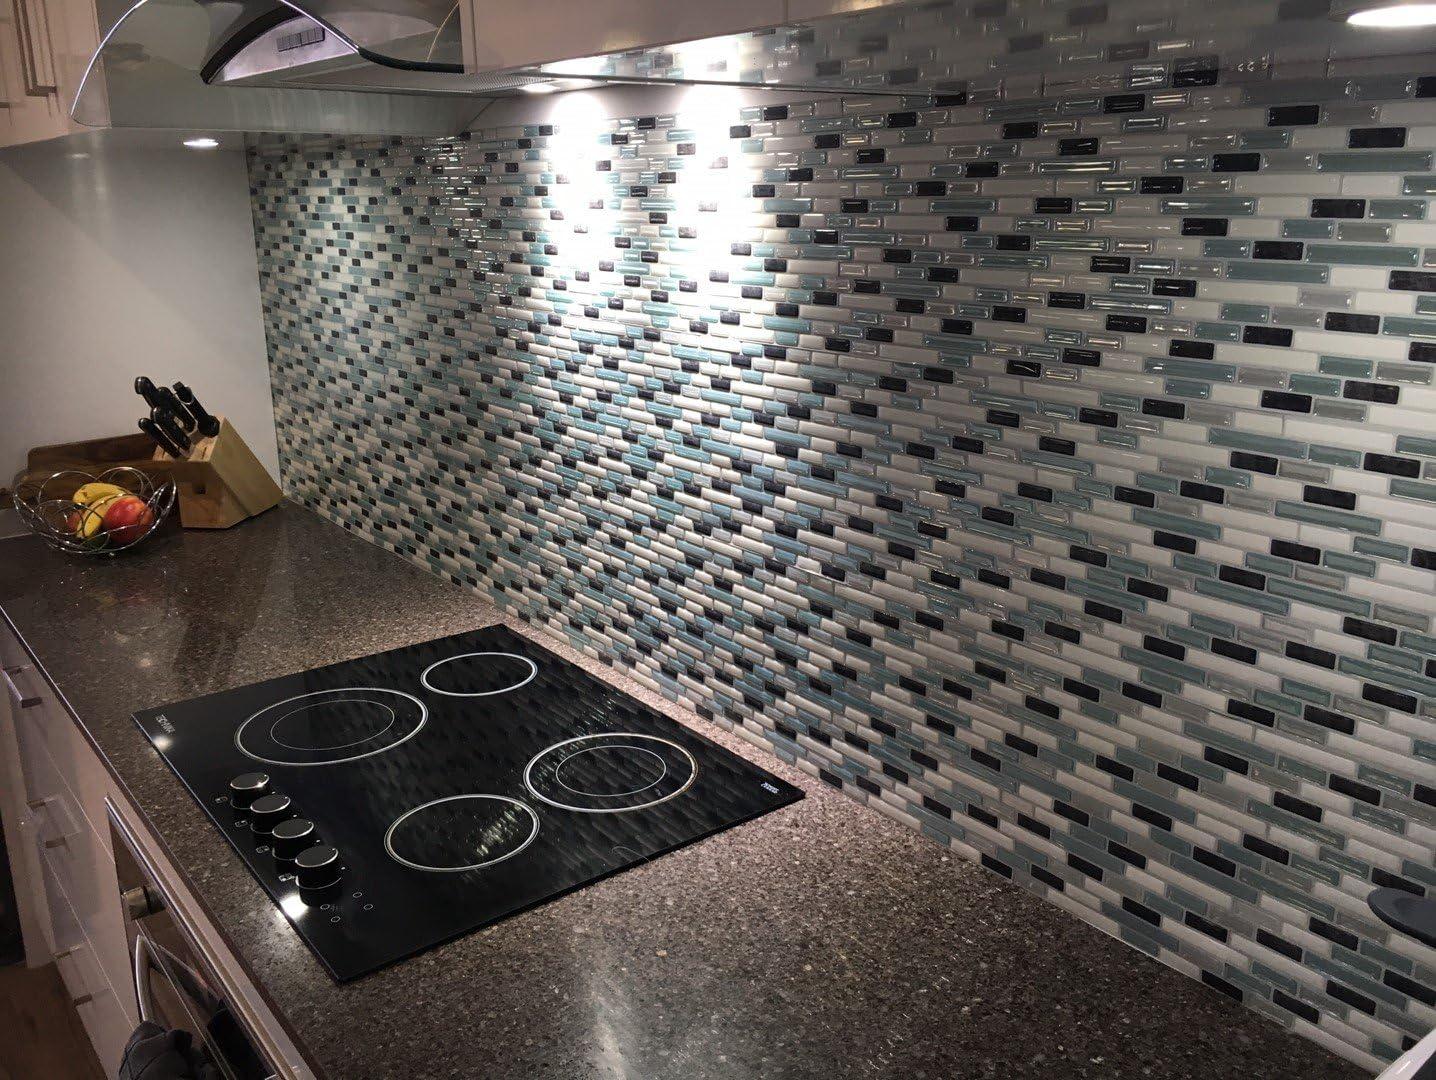 Tic Tac Tiles Pelar antimoho e insertar azulejo de la pared en Como Marrone 5 10 x 10 M/ármol marr/ón; Beige de perlas de luz; M/ármol marfil claro; met/álica de bronce